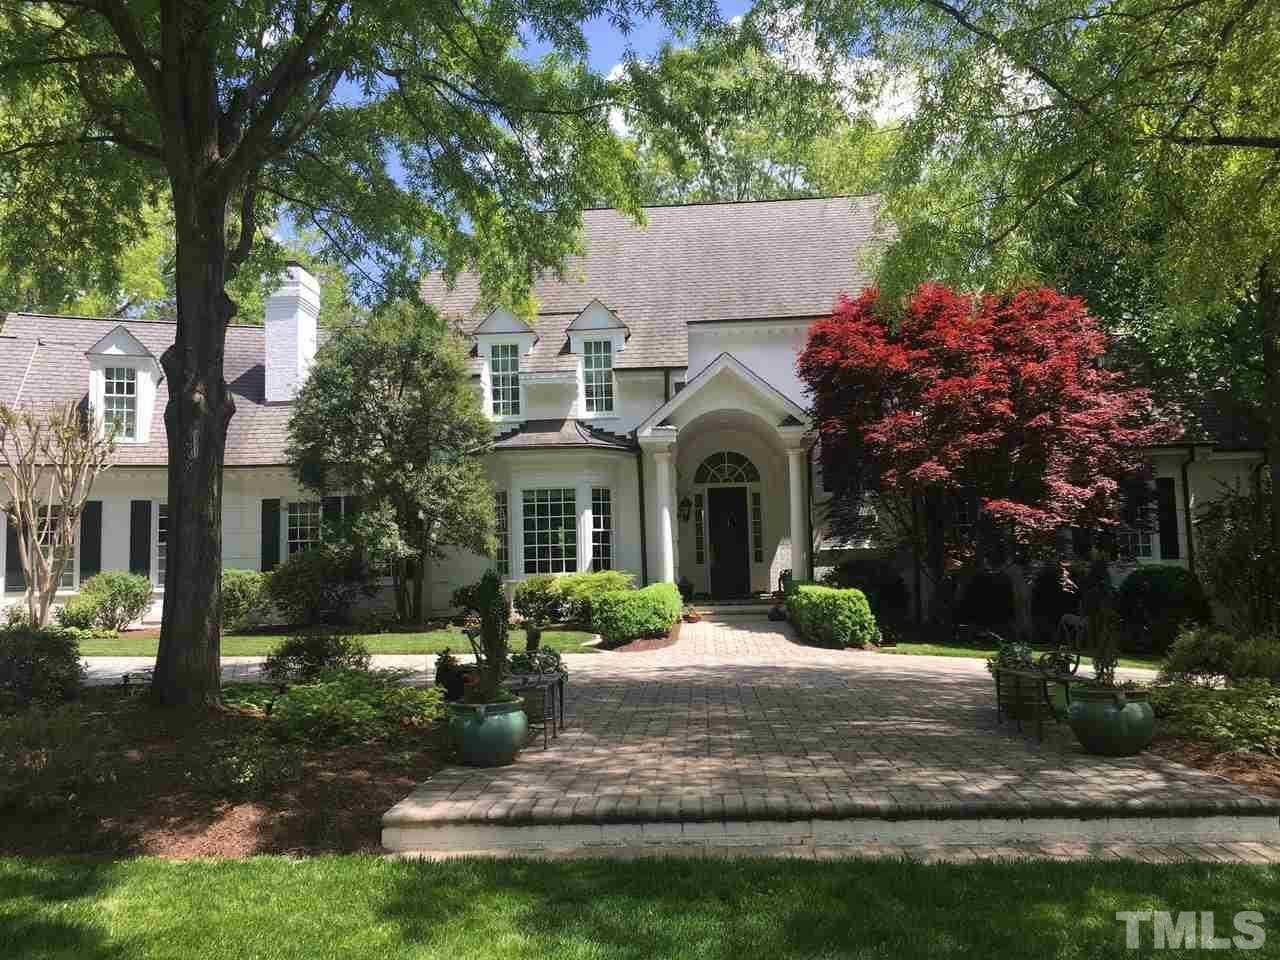 $2,700,000 - 5Br/8Ba -  for Sale in The Oaks, Chapel Hill